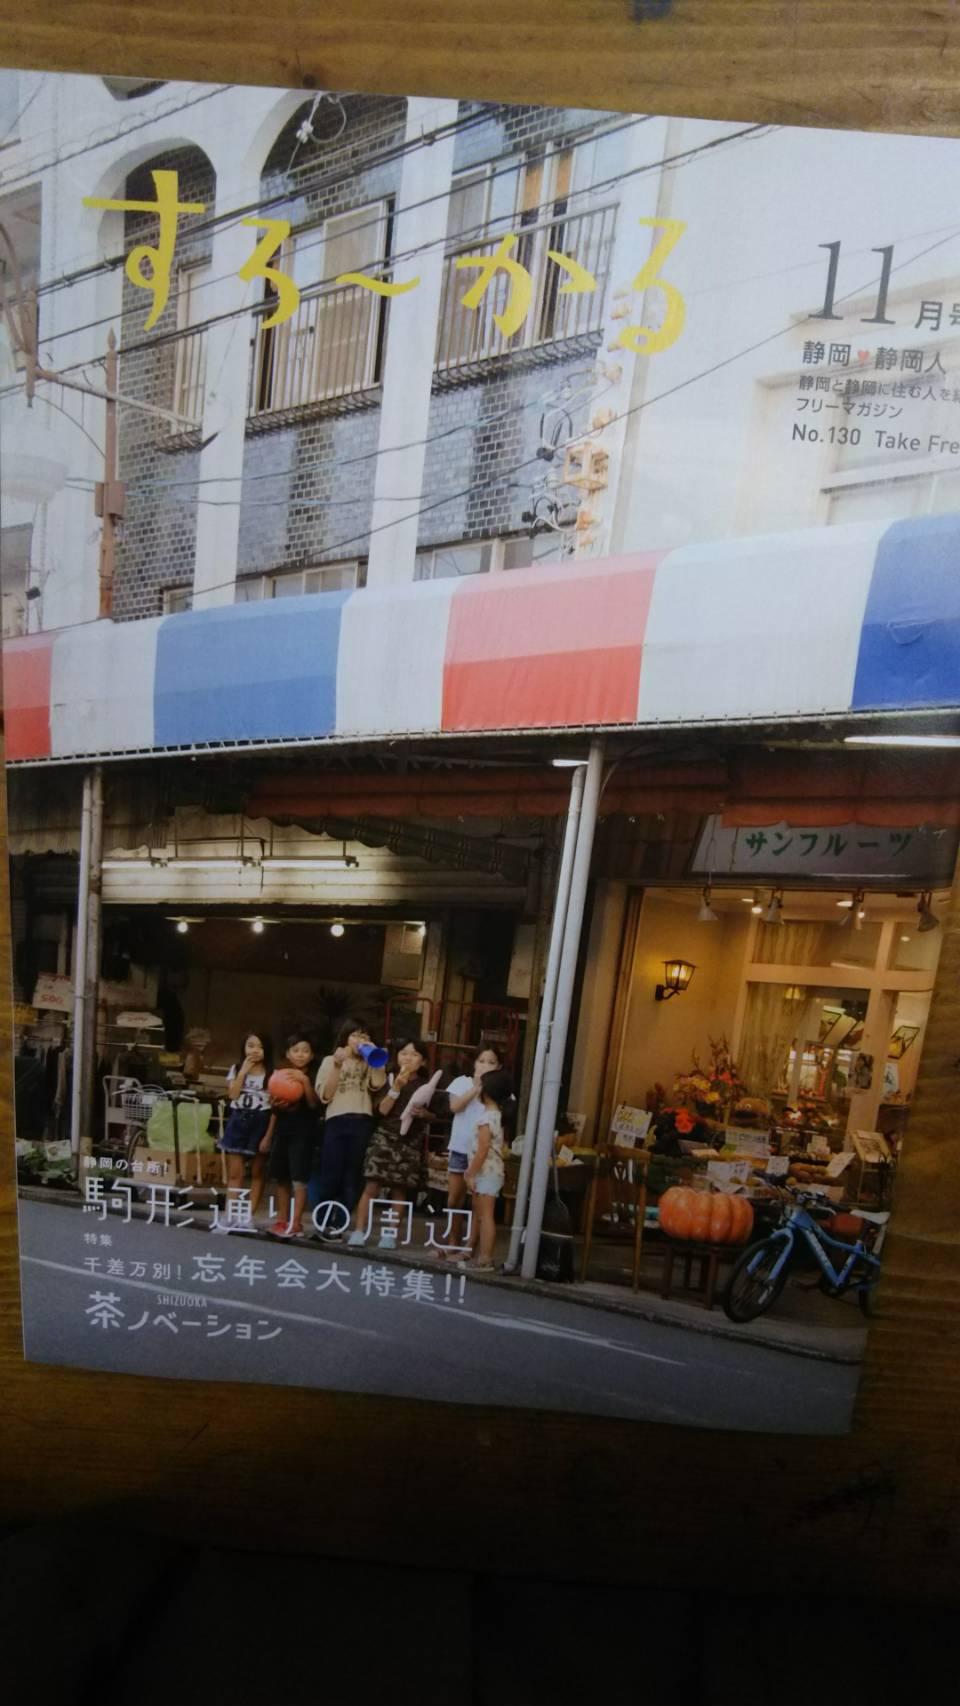 静岡で大人気の情報誌【すろ~かる】に掲載されました!